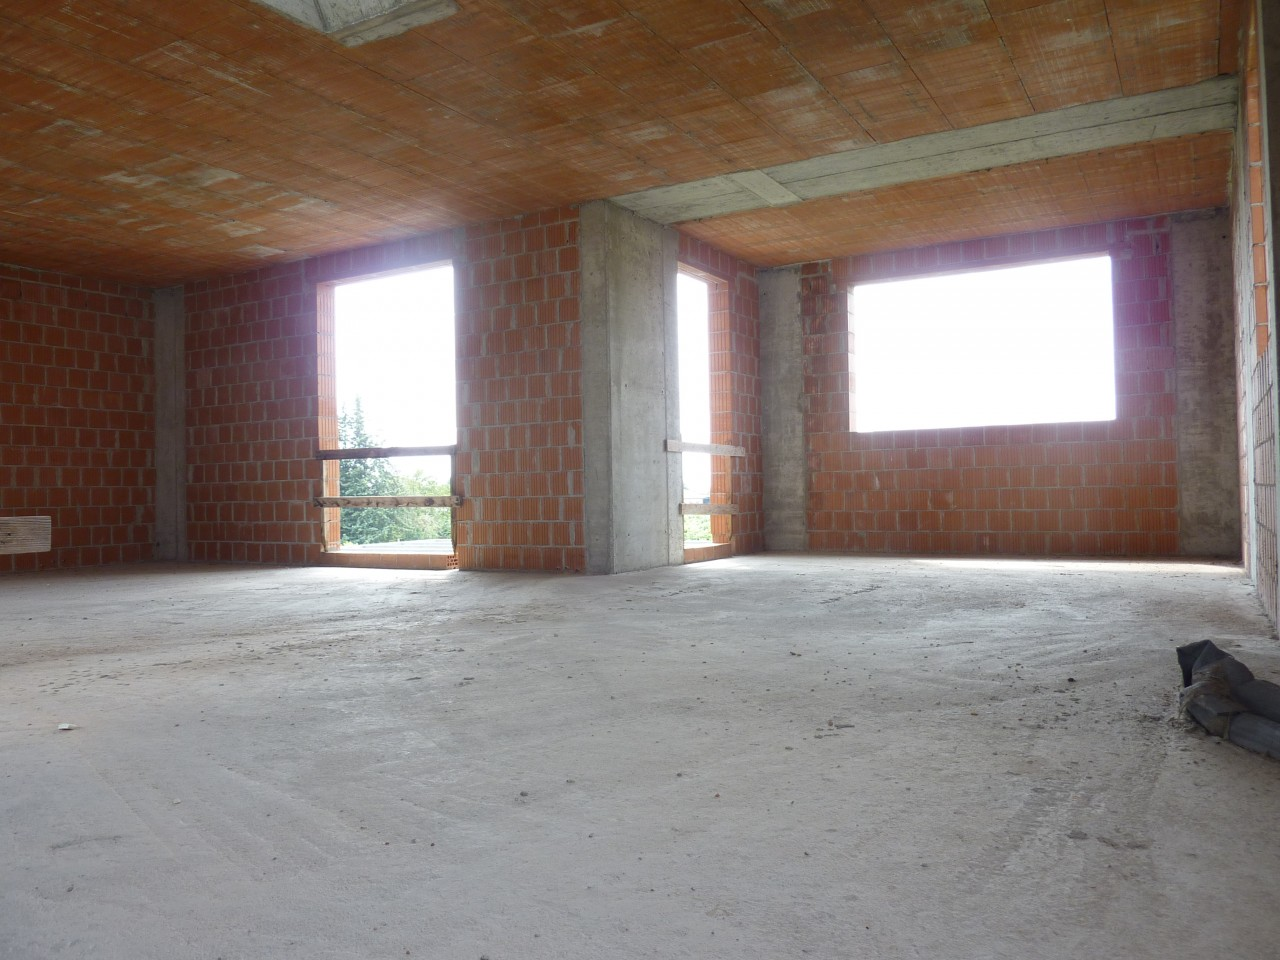 casa singola al grezzo - 4 camere 3 bagni - FALZE' DI TREVIGNANO (TV)